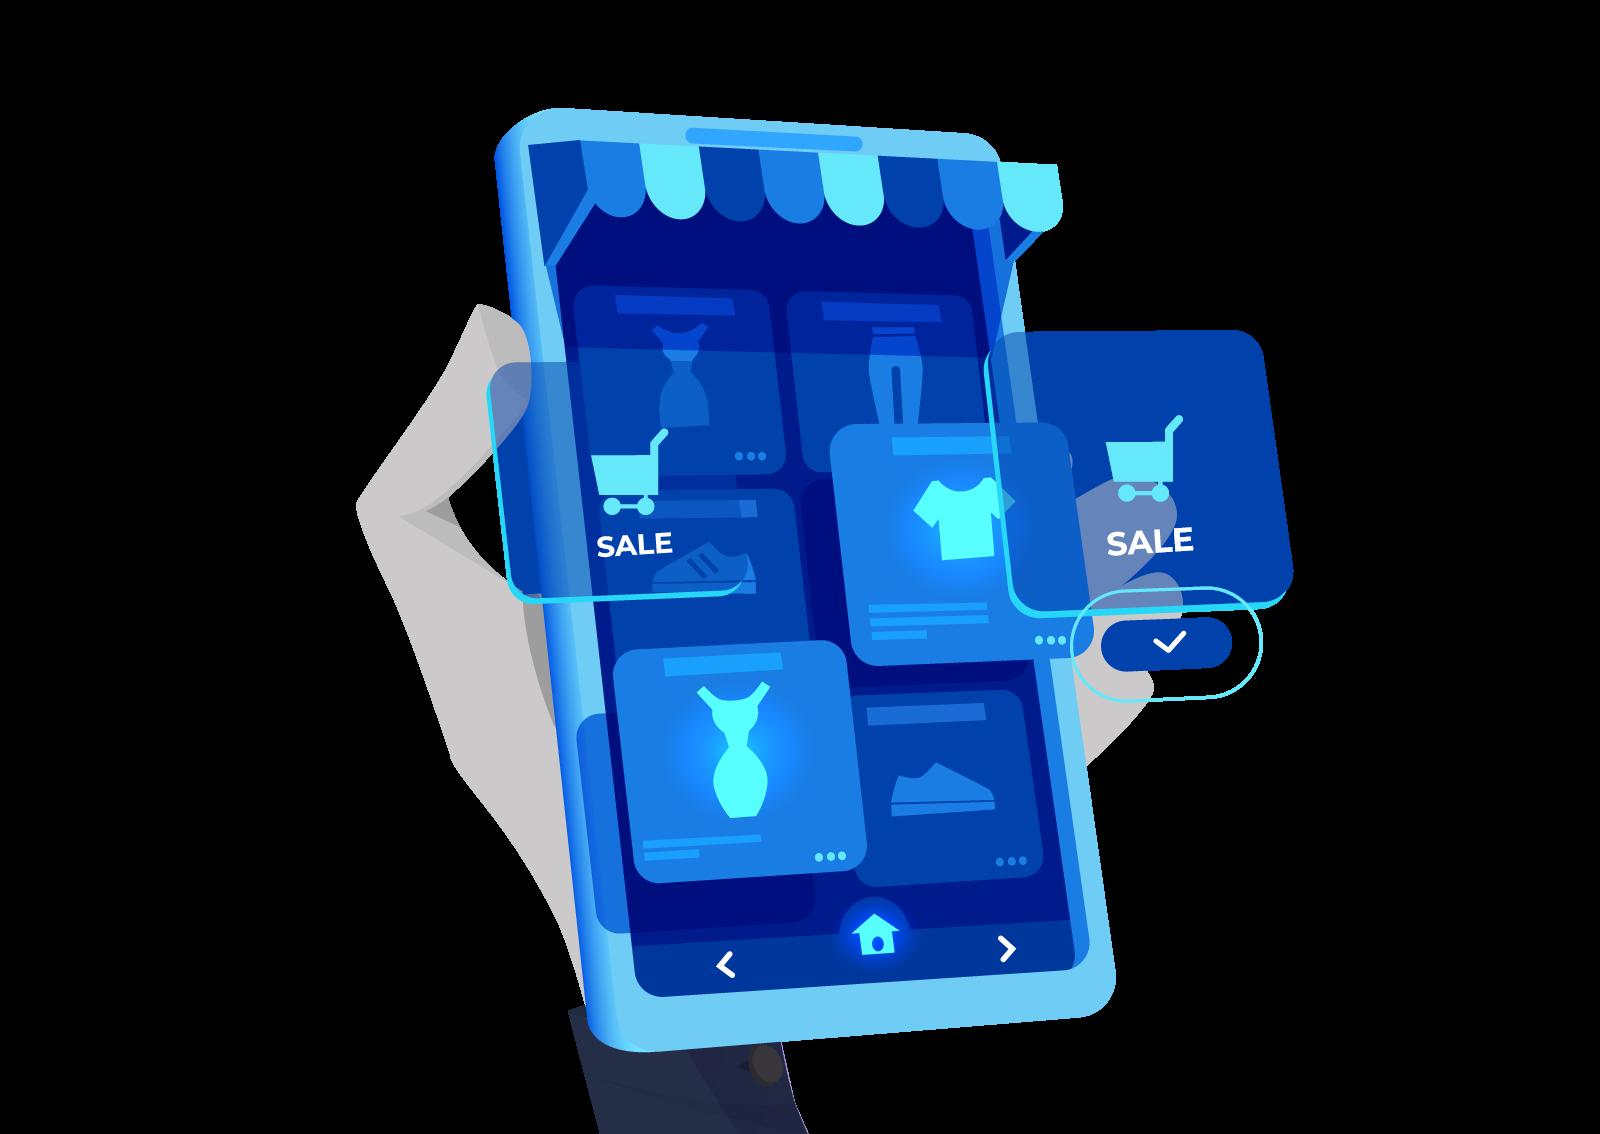 Ilustracija zečja šapa koja drži mobilni telefon na kojem se vidi internet prodavnica i akcije na njoj.